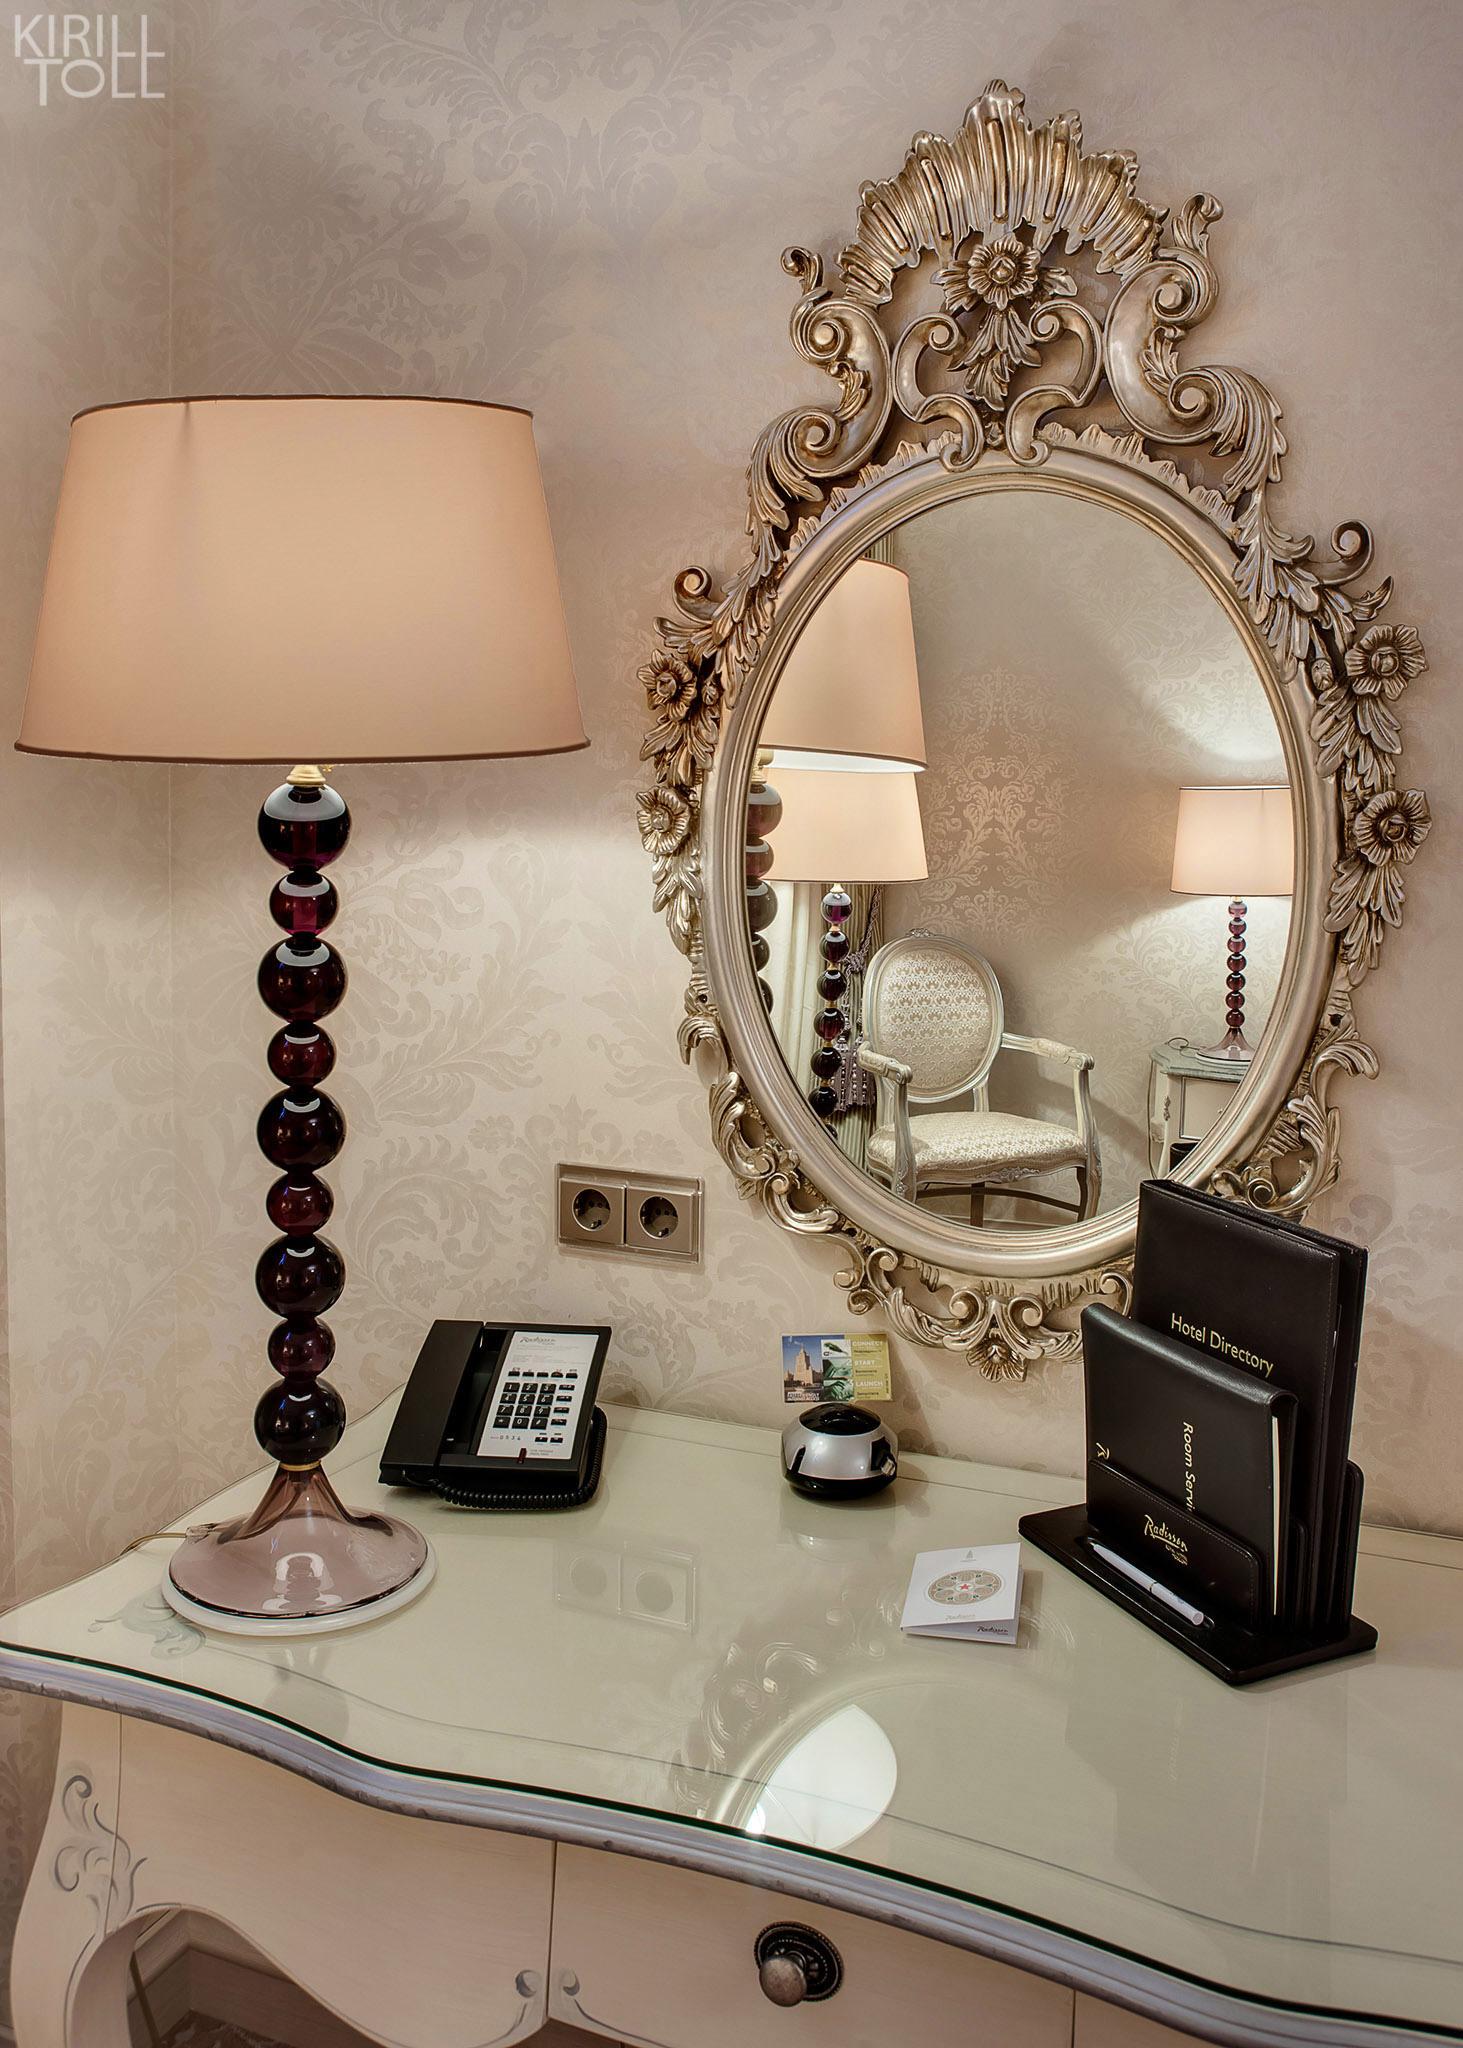 О дополнительных опциях интерьерных фотосъемок, которые нужны или бывают лишними.  Если любую фотосессию вне зависимости от бюджета предваряет уборка, то некоторые интерьеры нуждаются в декорировании. Работа декоратора заключается в профессиональном осмыслении объекта и проявлении его лучших сторон через декорирование.